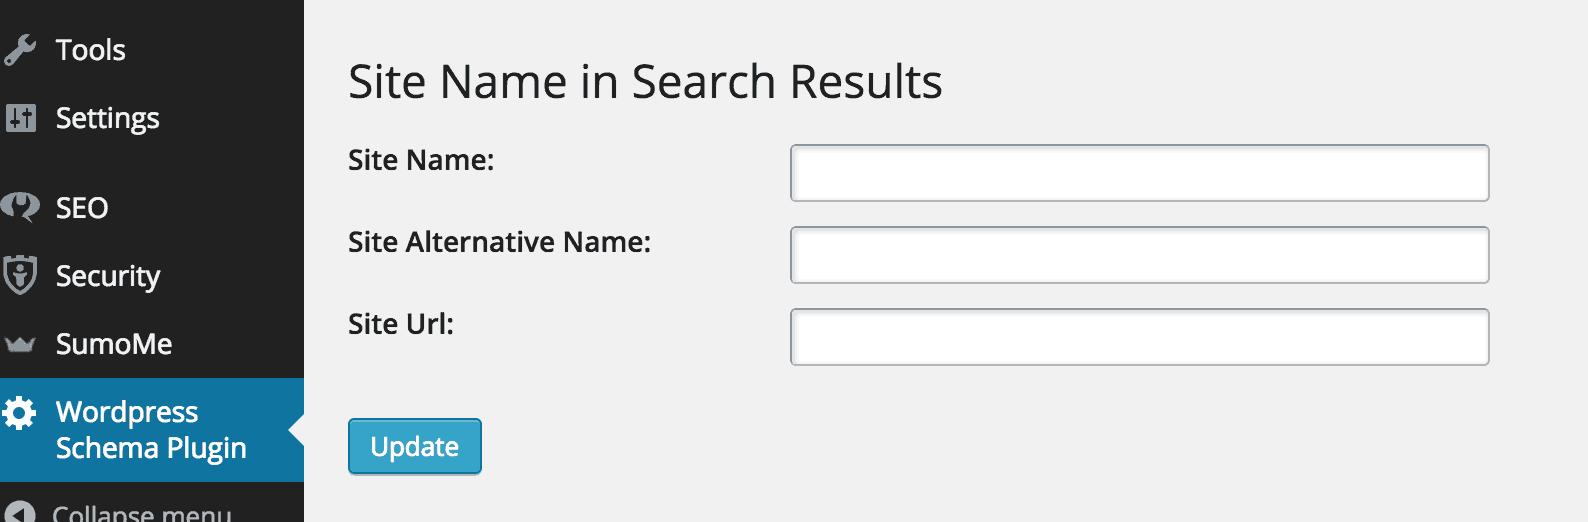 SiteName Schema Plugin